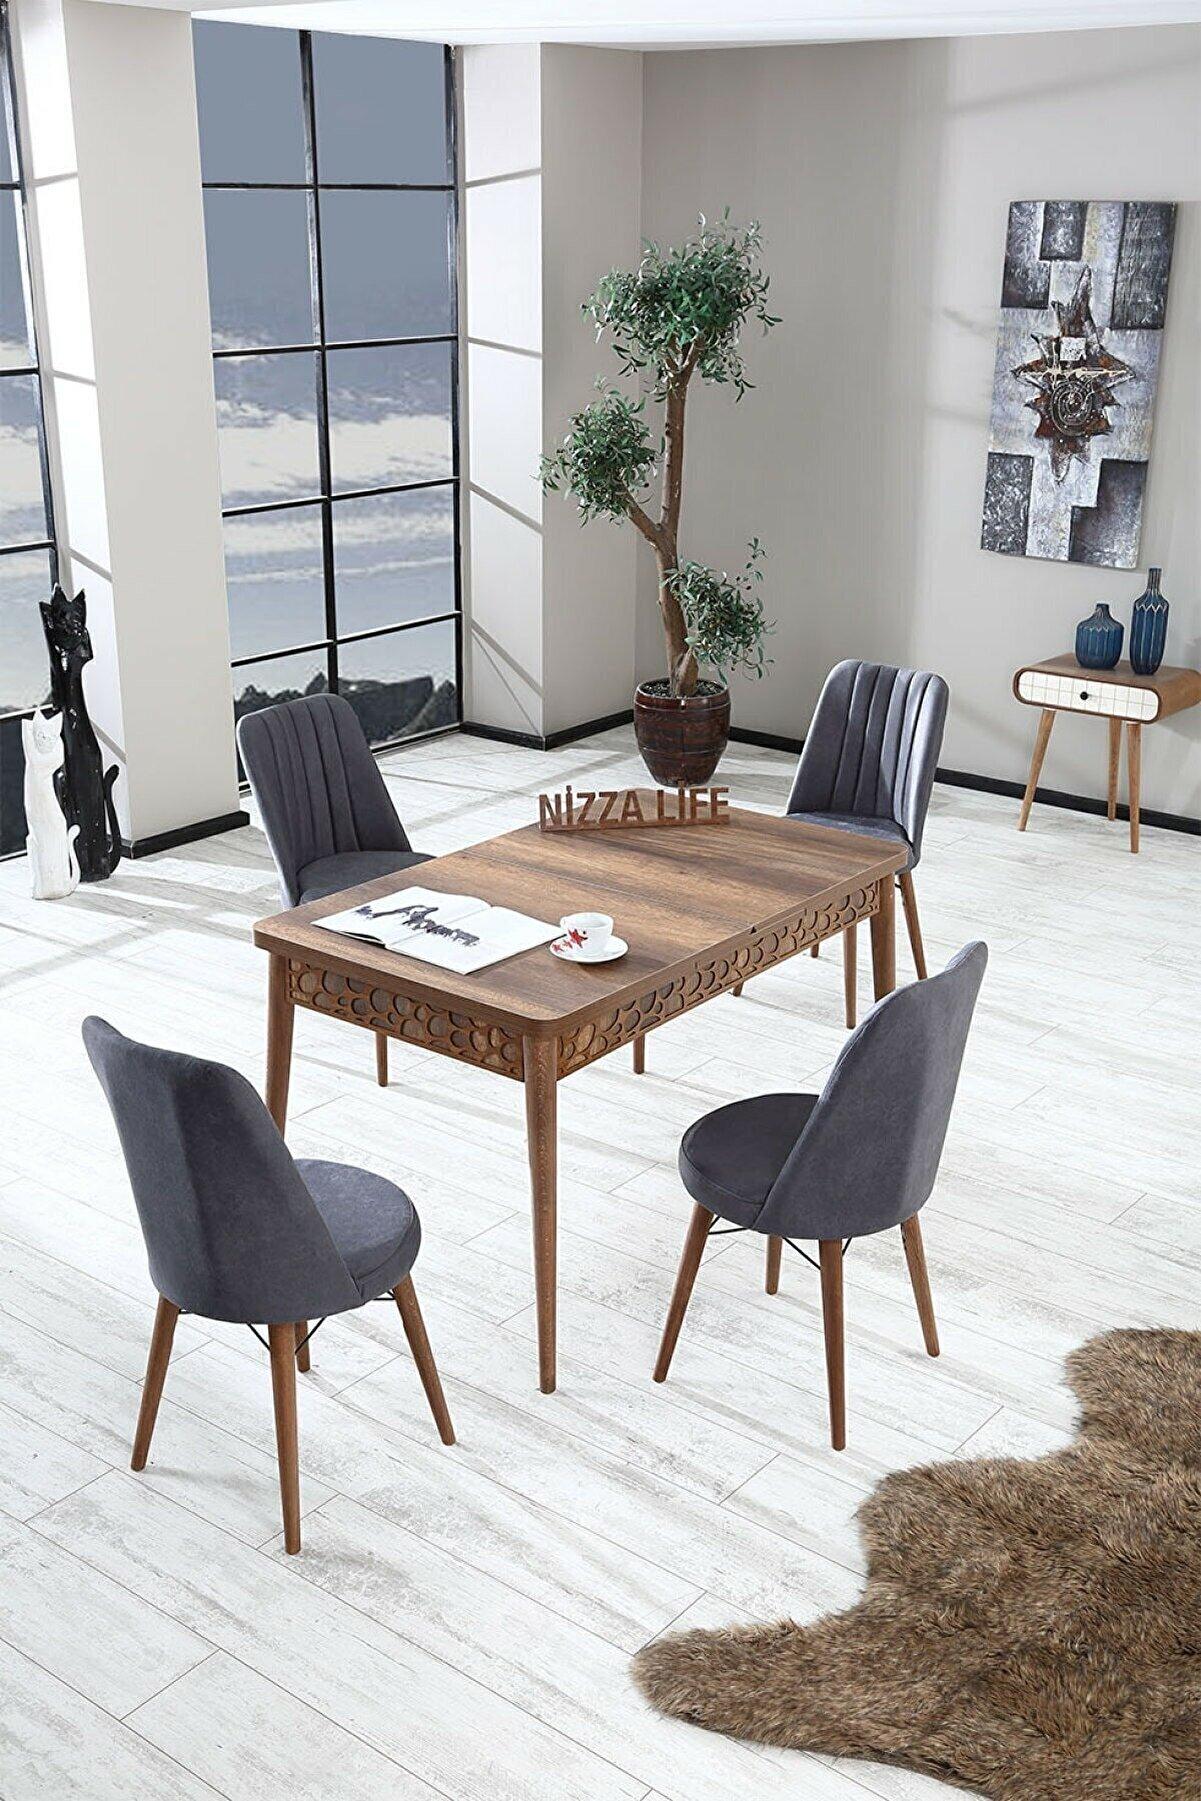 Alıcıoğlu Avm Nossa Mini Barok Ceviz Yemek Masası Mutfak Masası Açılır Masa Takımı 4 Sandanyeli - Antrasit